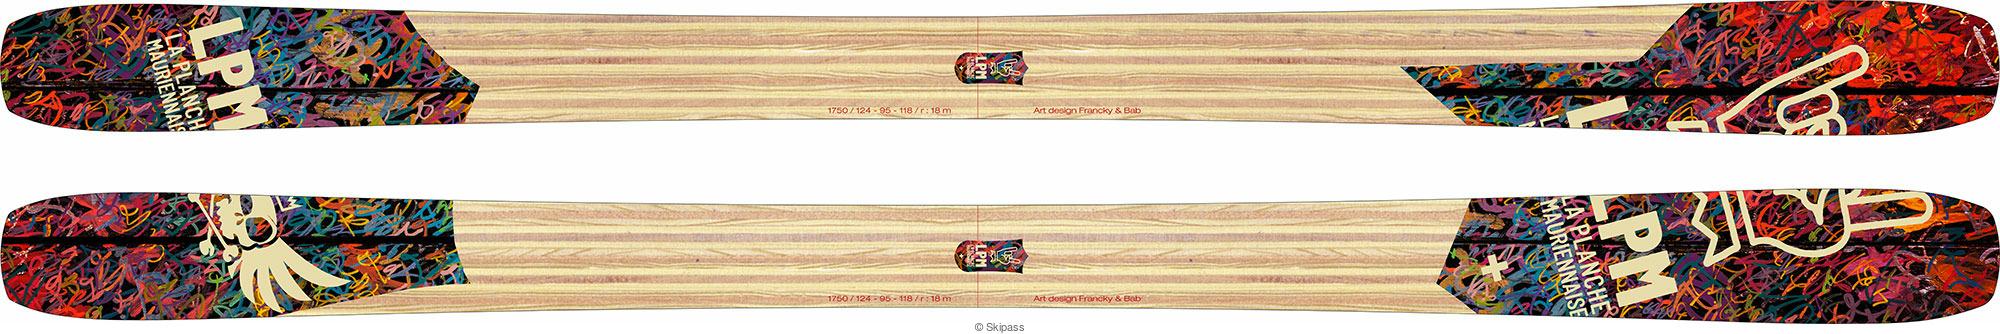 La Planche Mauriennaise Le 95